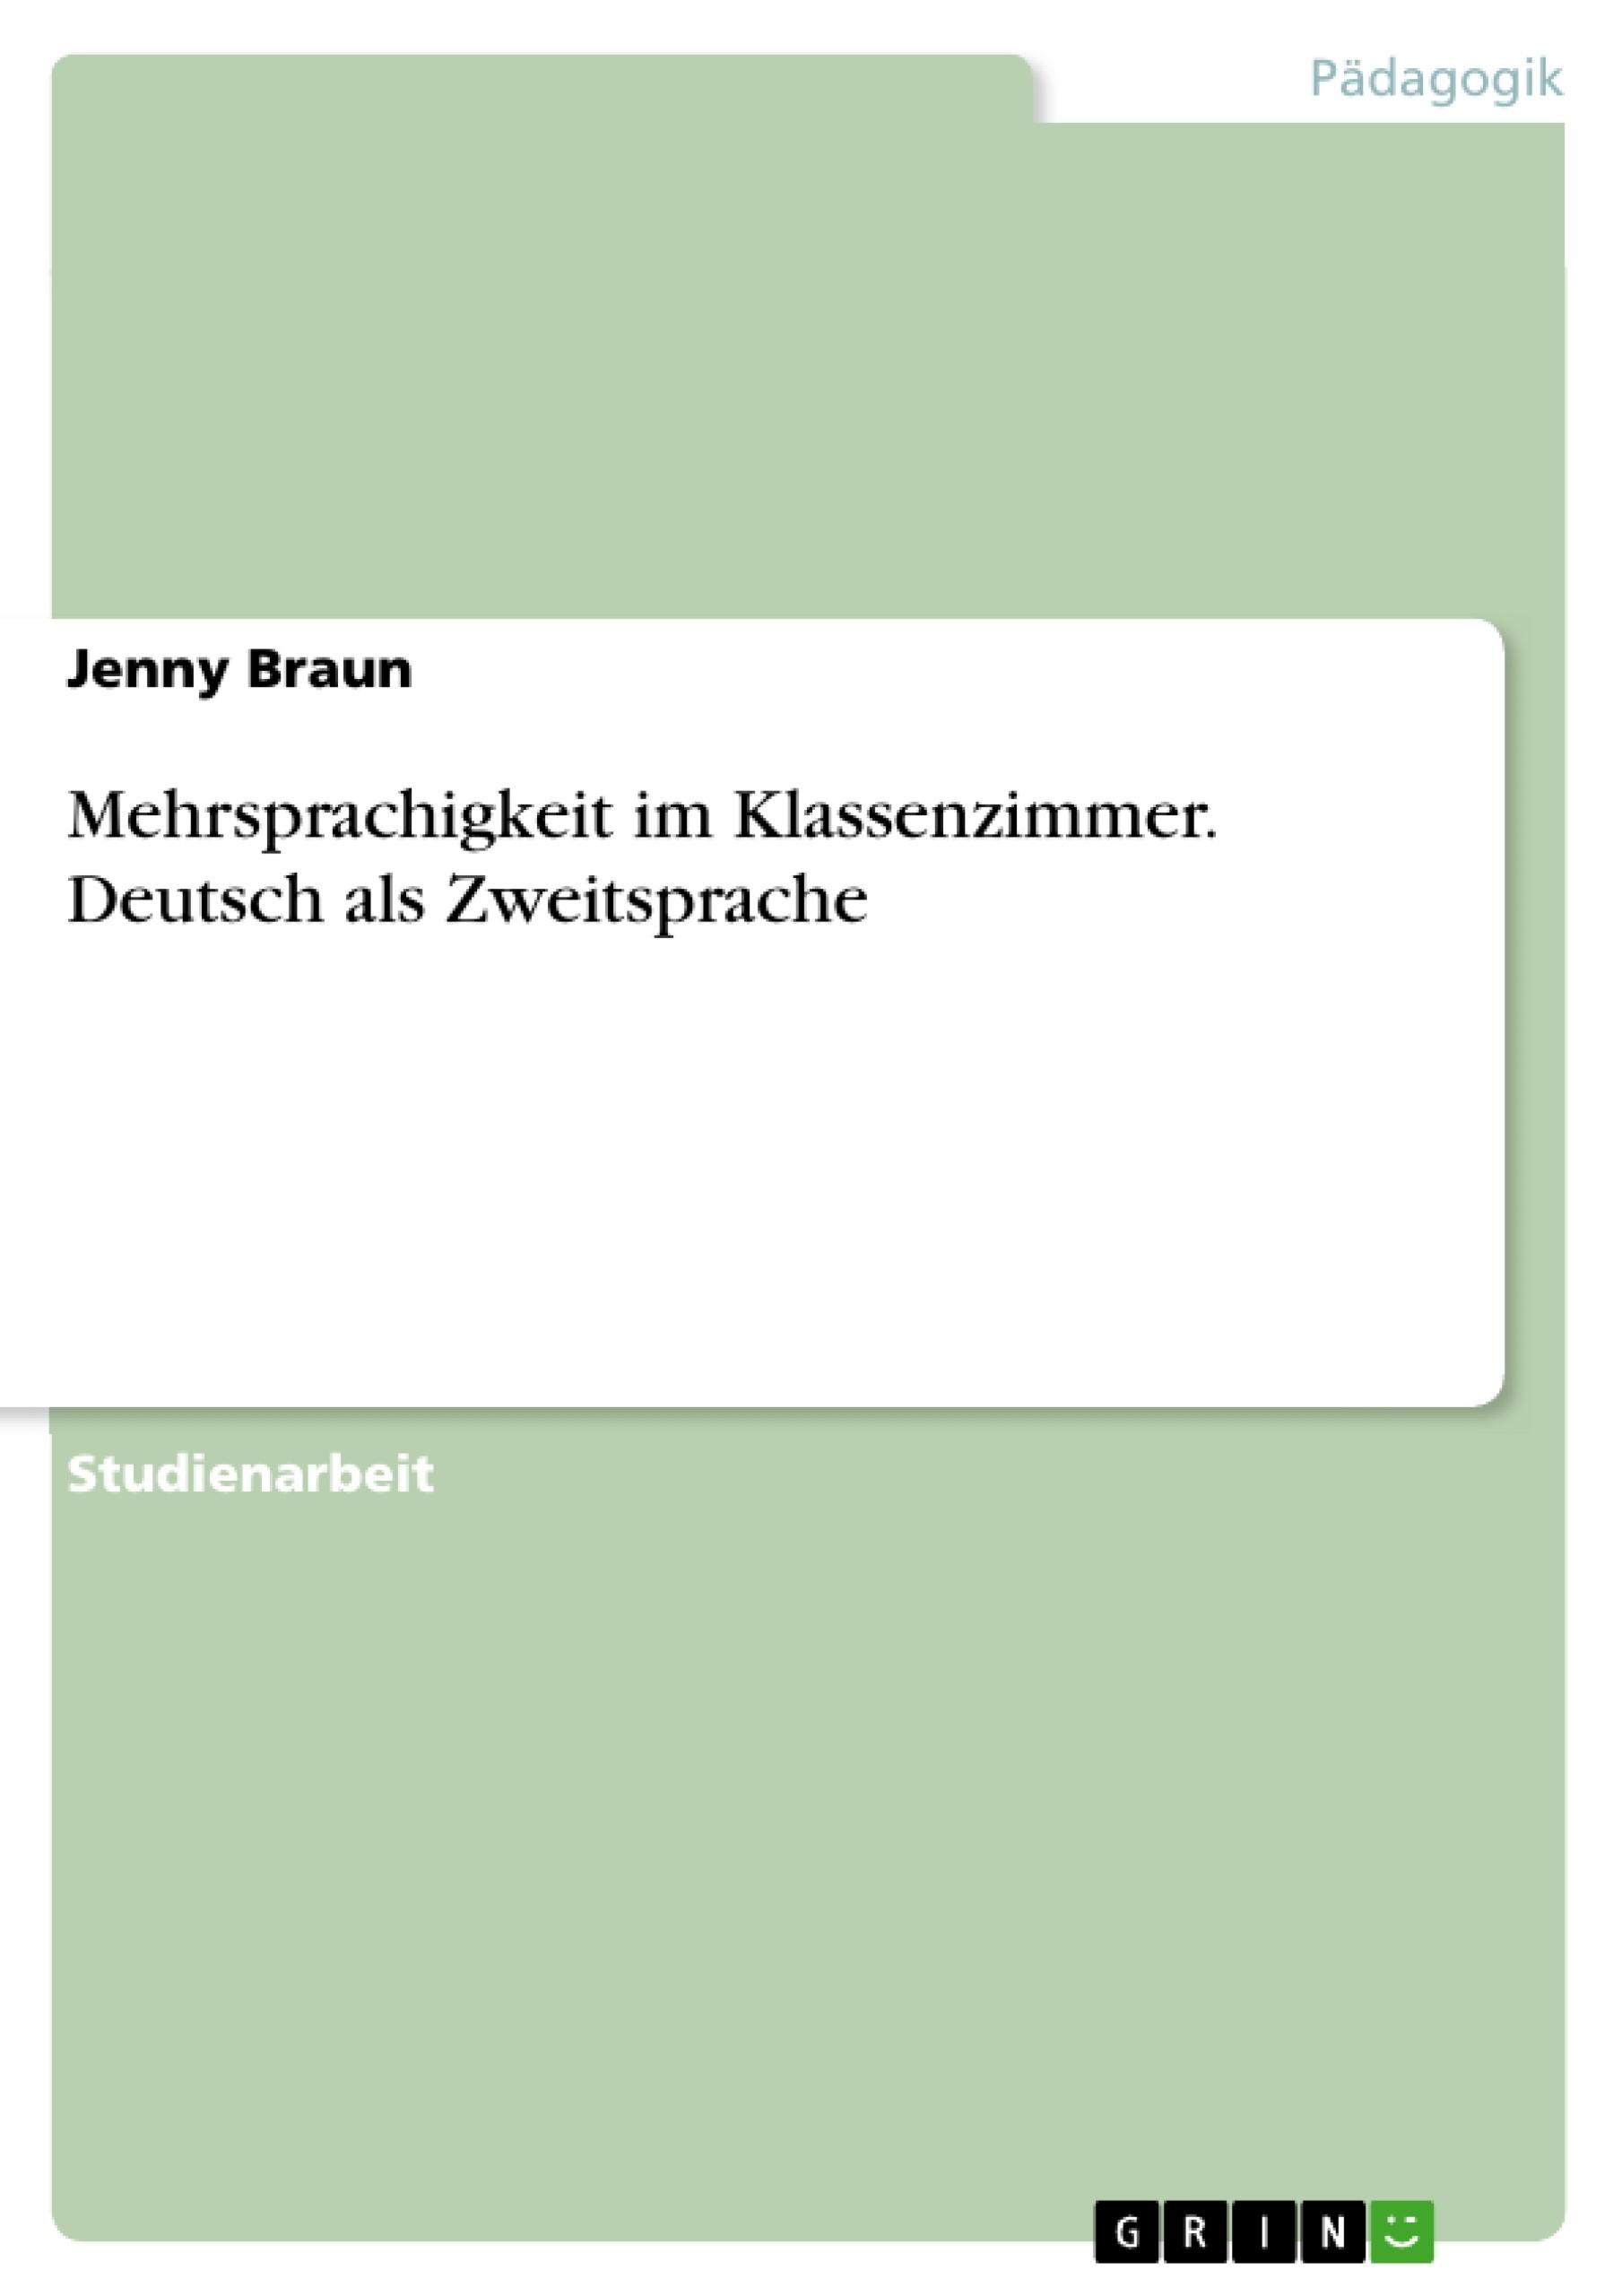 Titel: Mehrsprachigkeit im Klassenzimmer. Deutsch als Zweitsprache